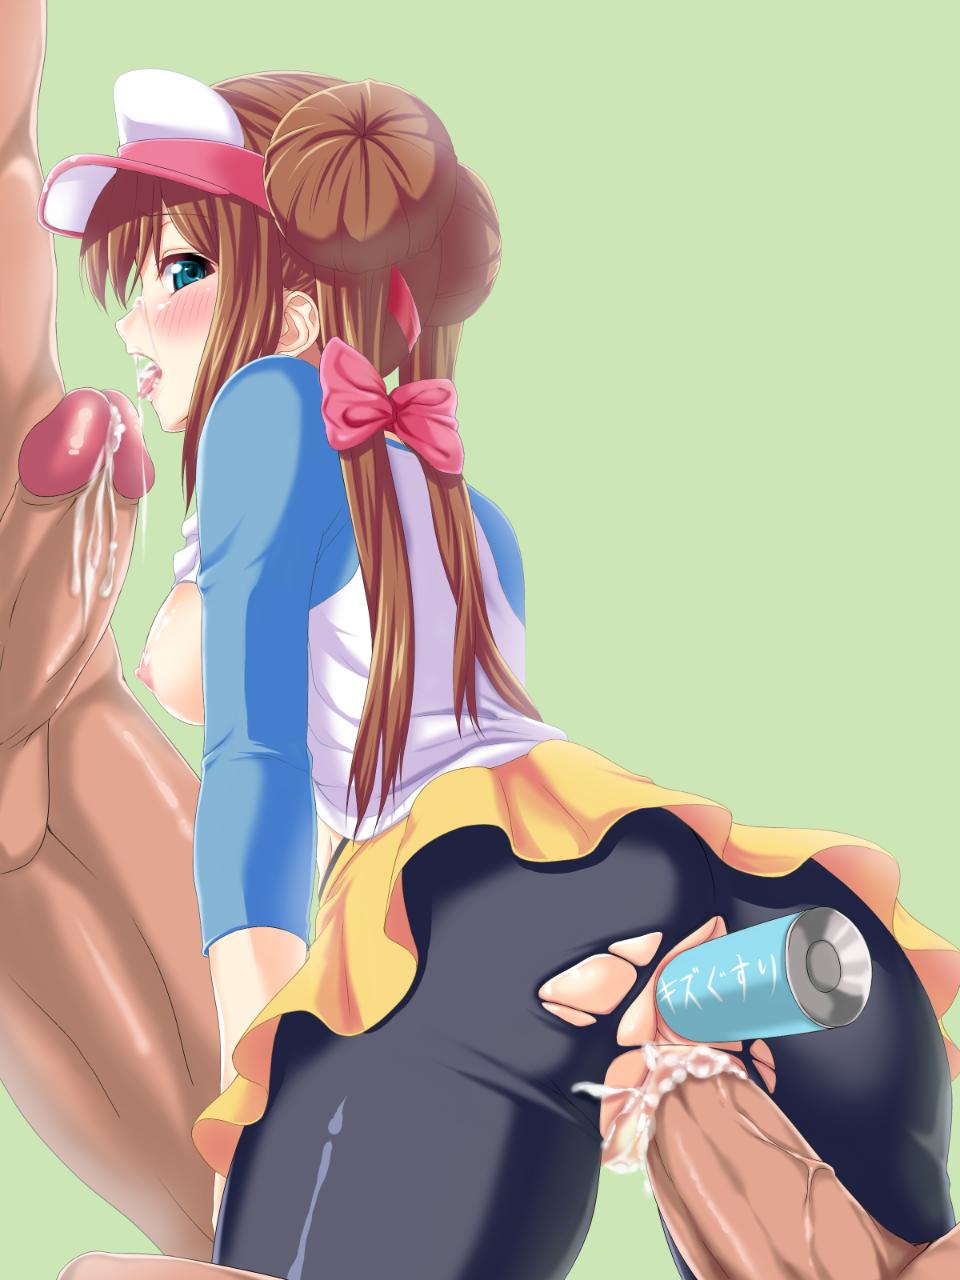 hit miss rosa pokemon or Nana darling in the franxx